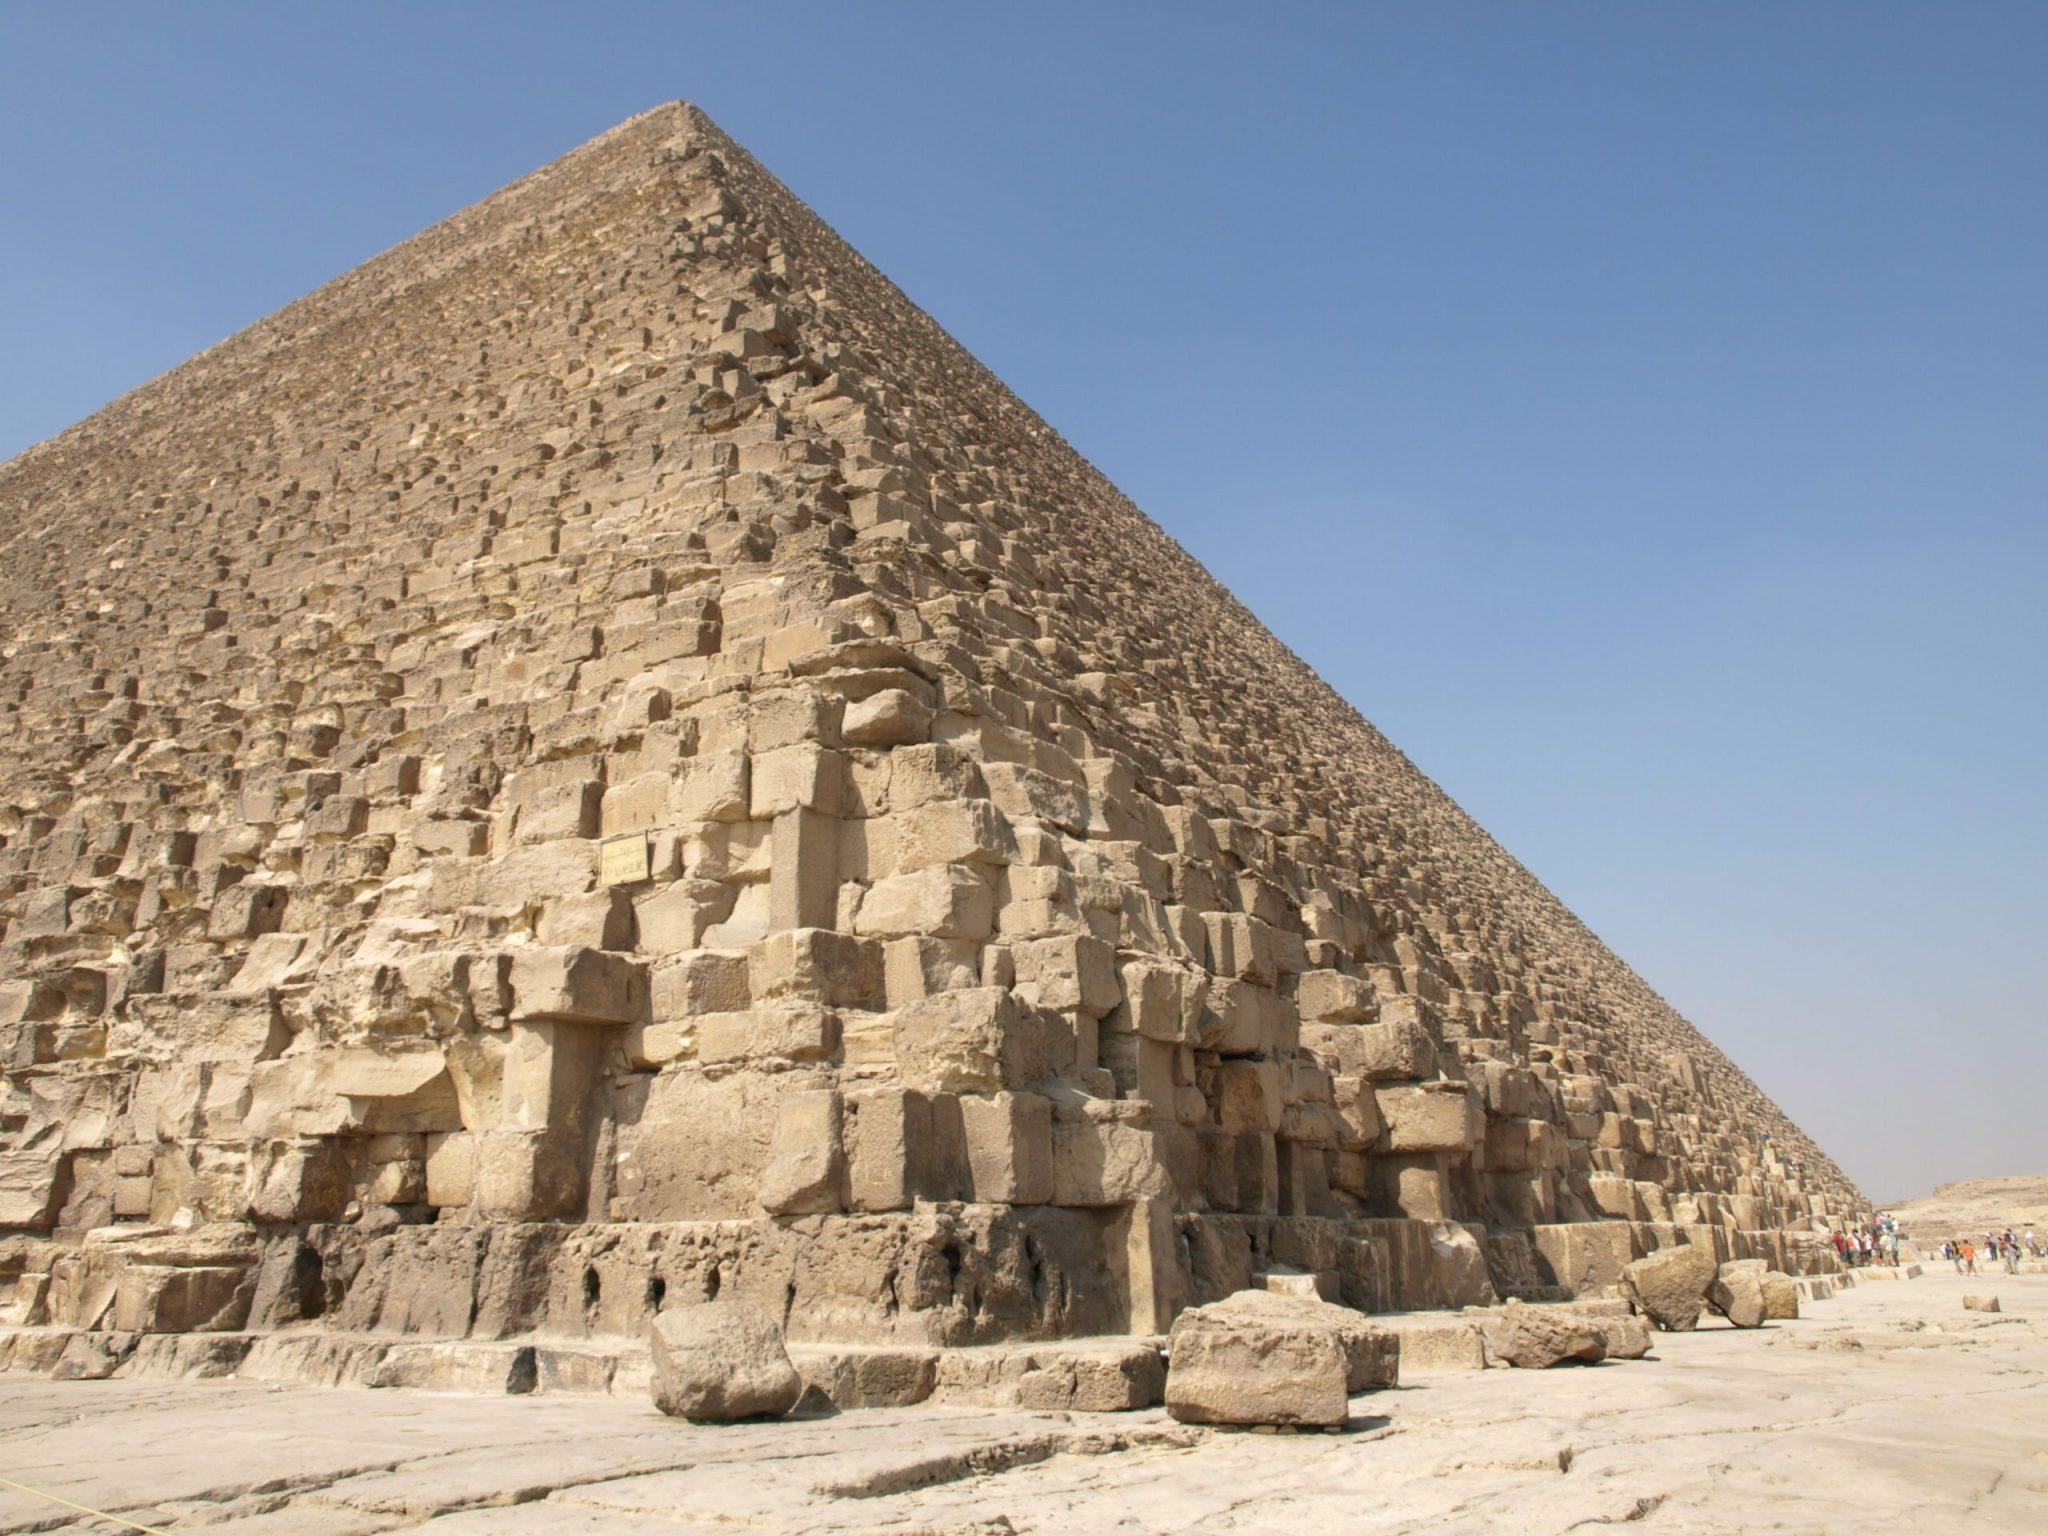 Y piedra a piedra, La Gran Pirámide